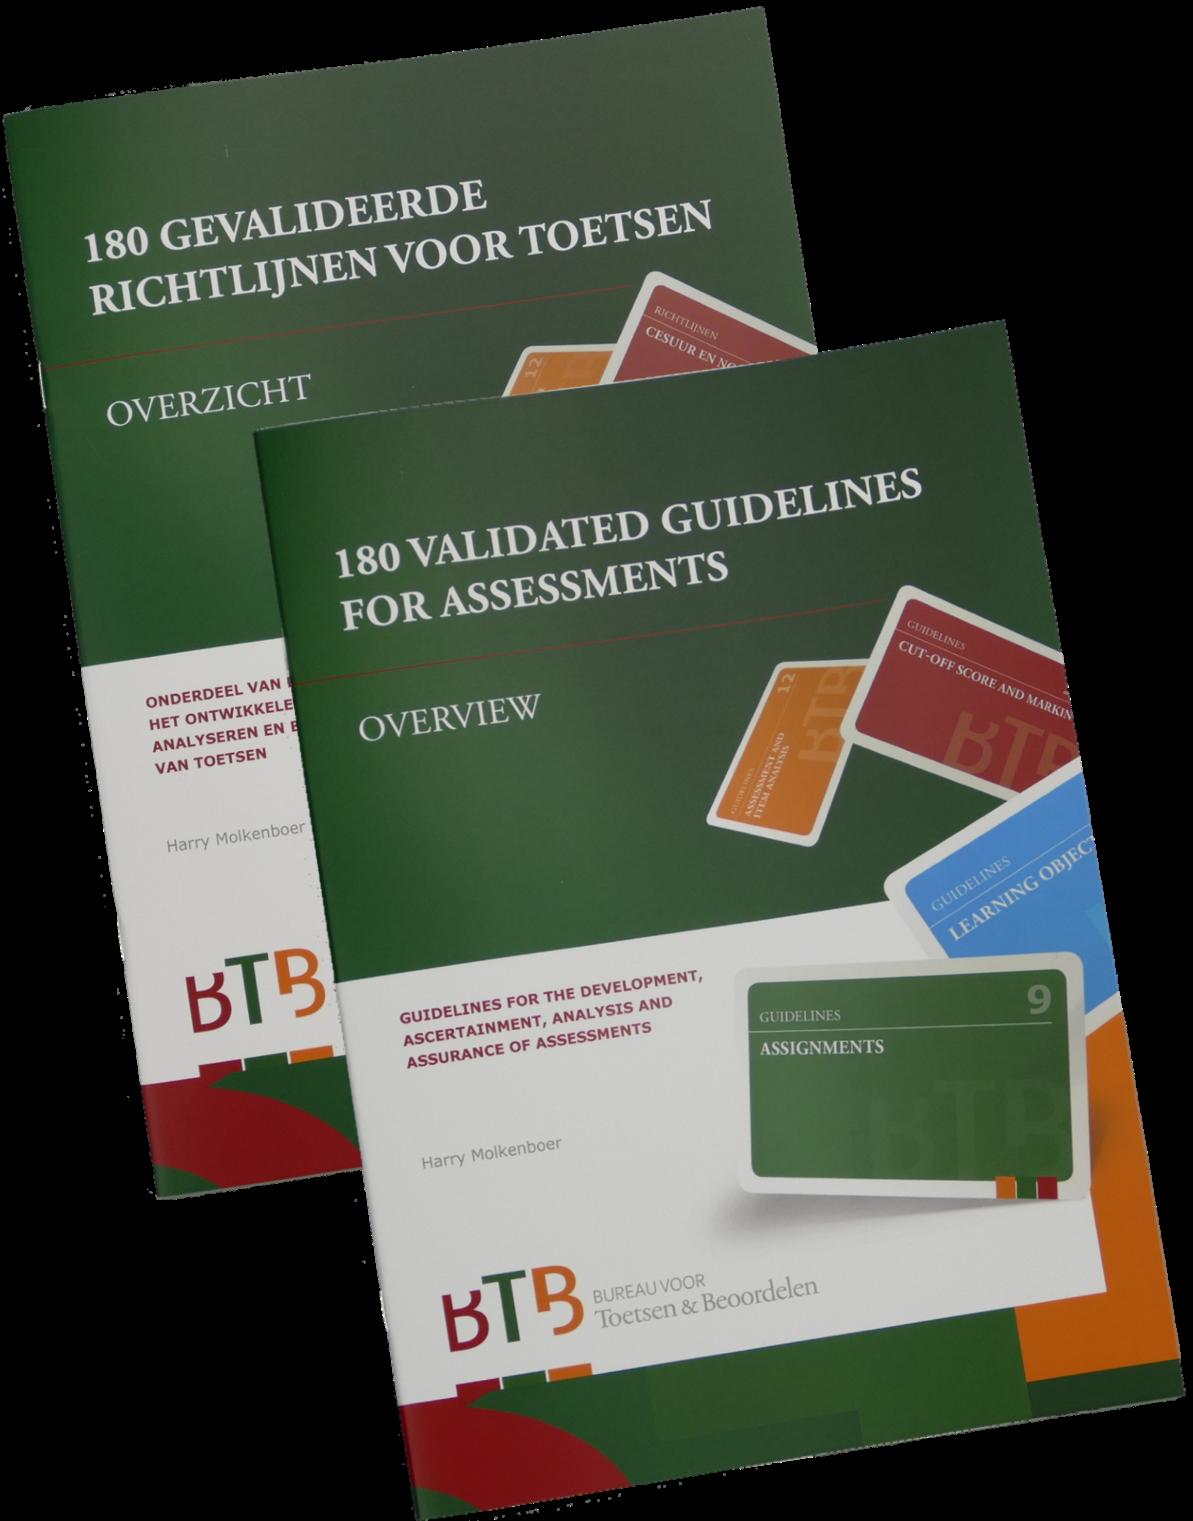 Boek Overzicht 180 gevalideerde richtlijnen voor toetsen